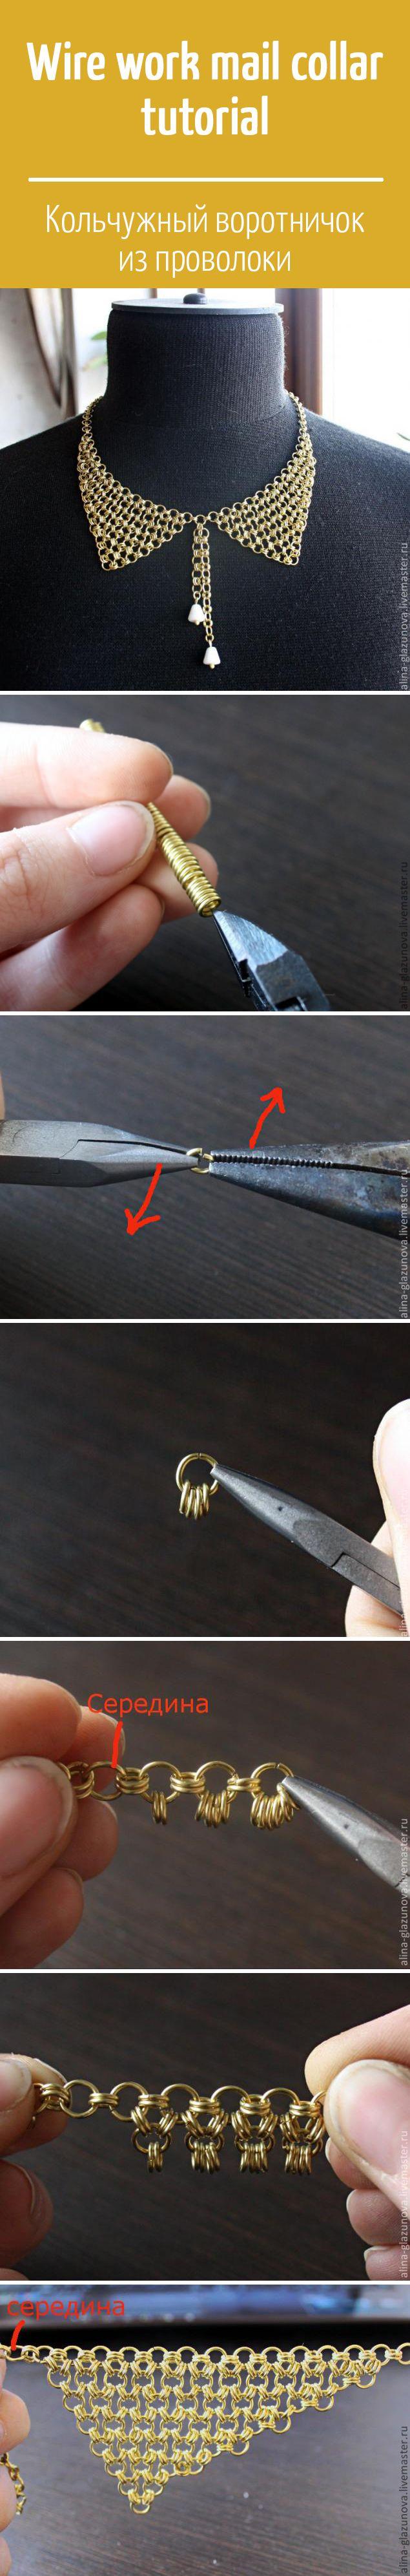 Wire work mail collar tutorial / Кольчужный воротничок из проволоки